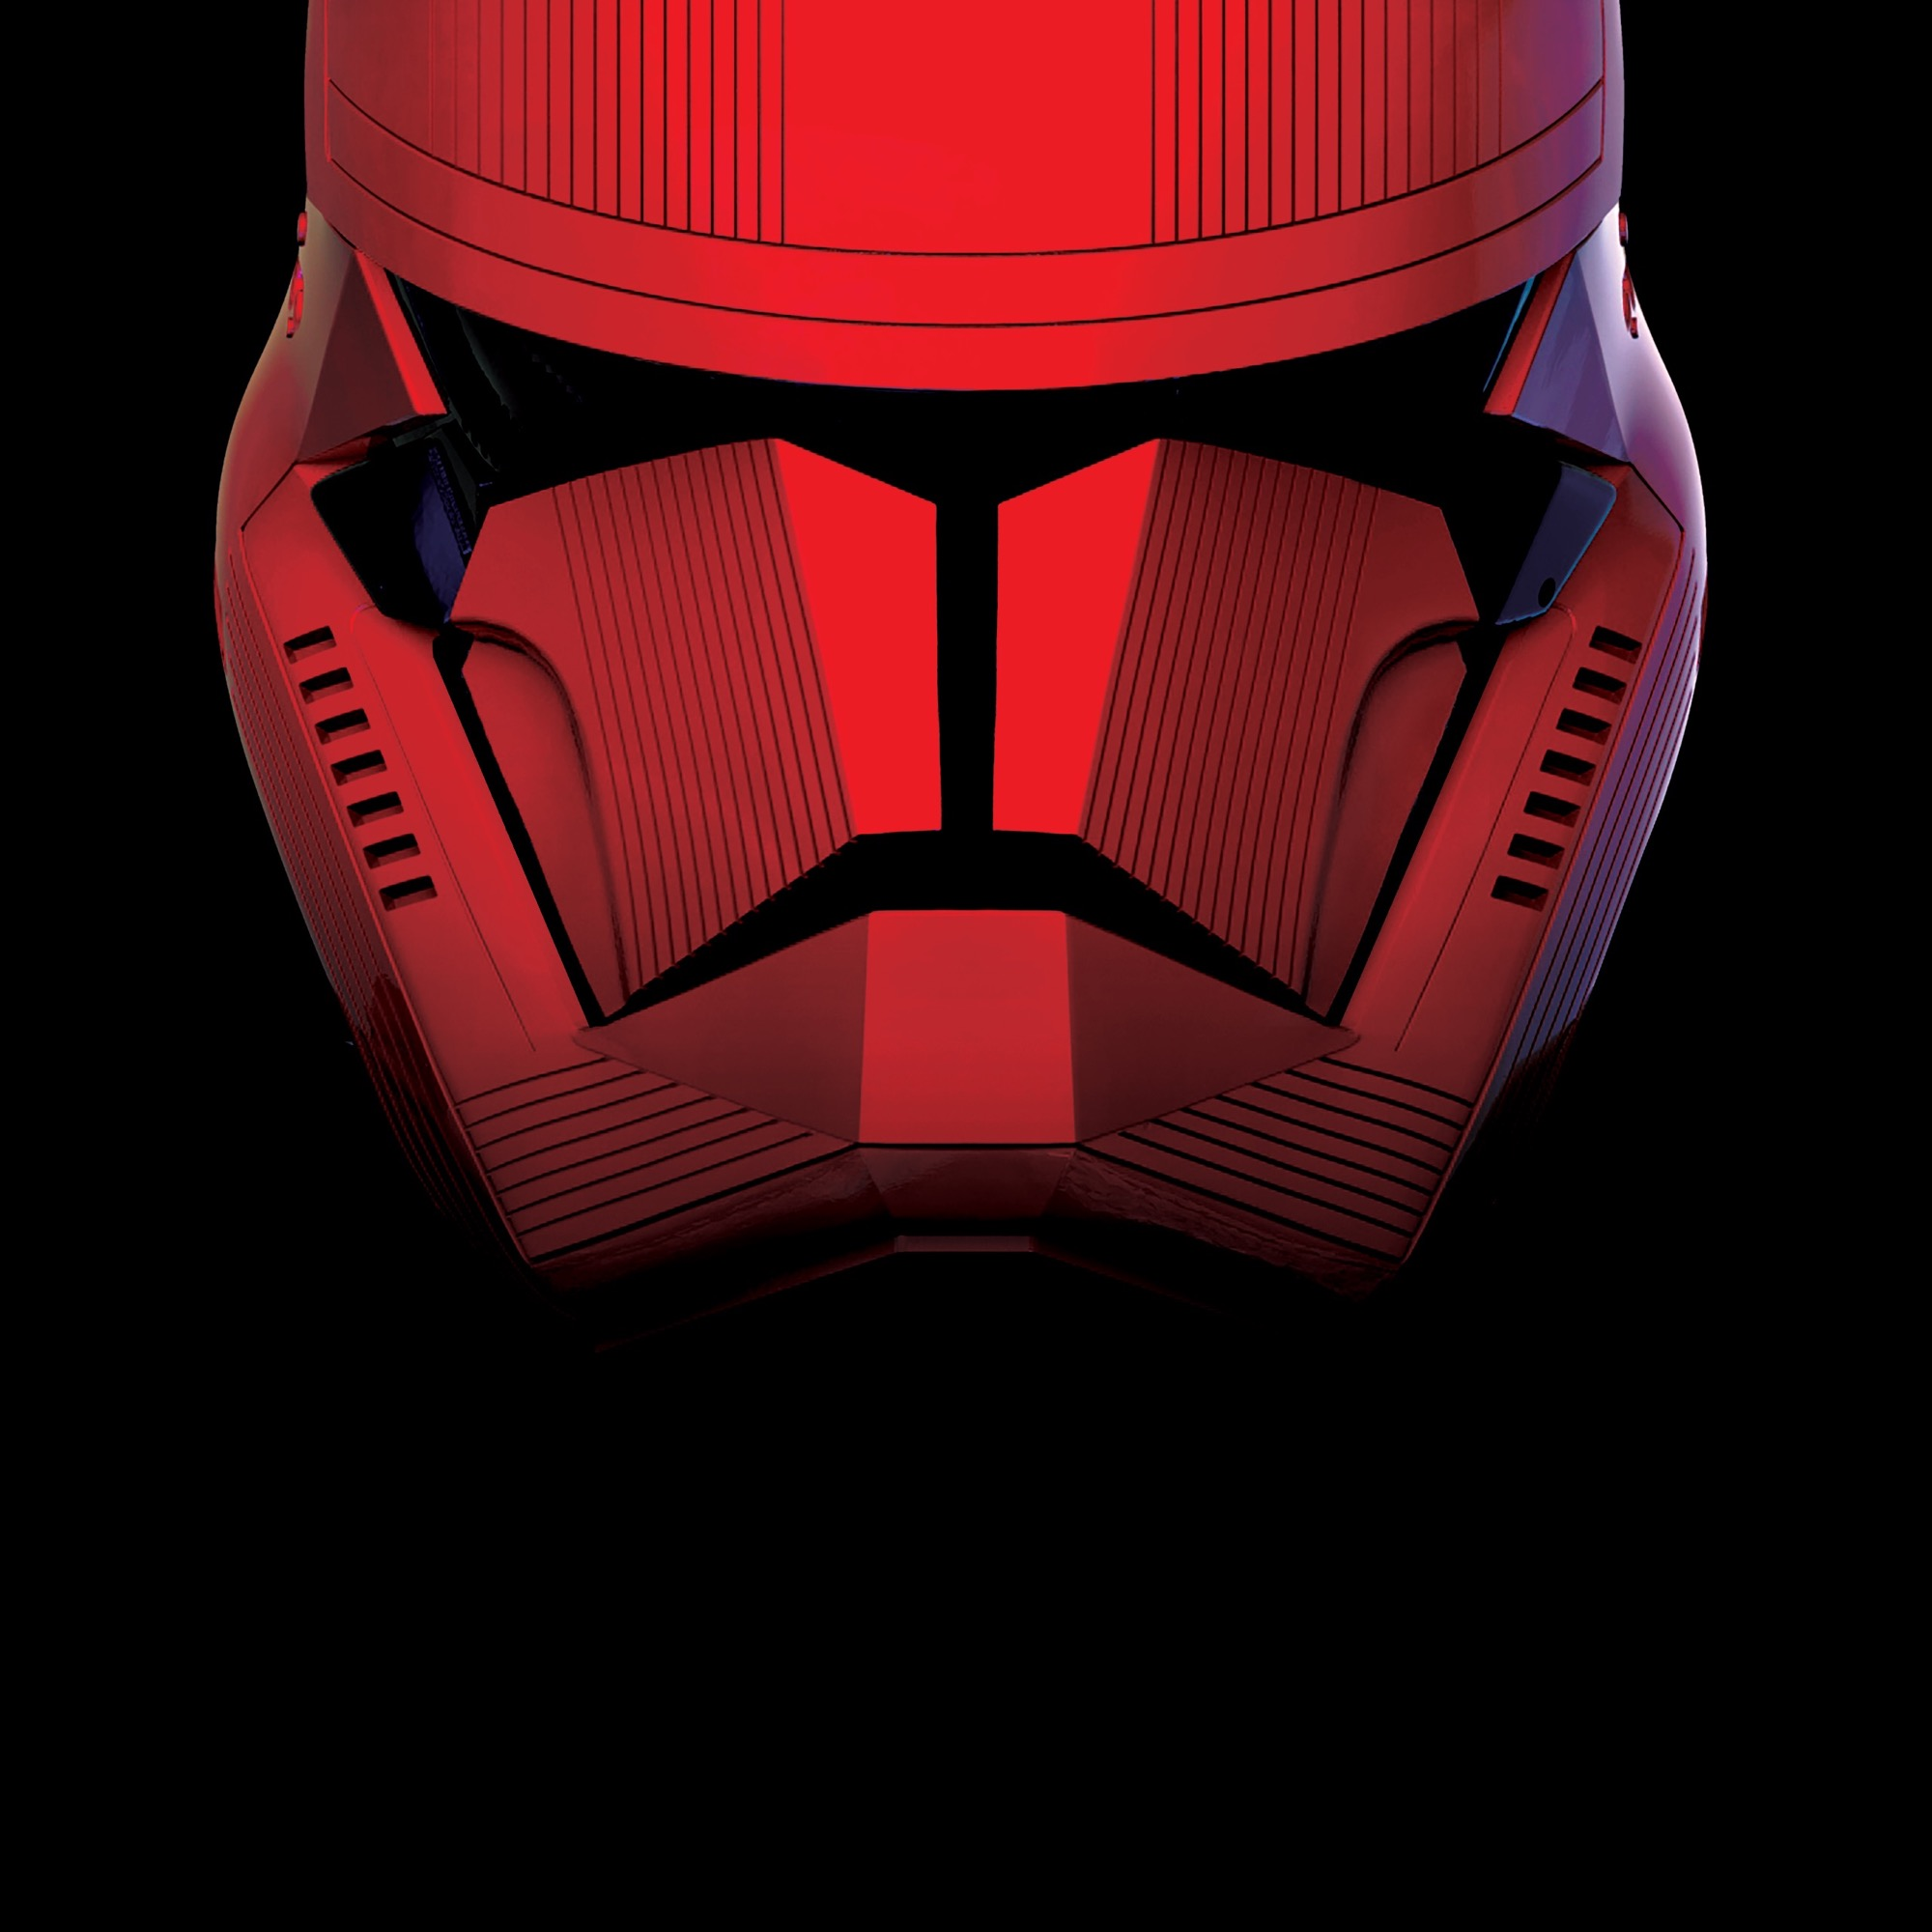 Fond écran Star Wars rouge et noir